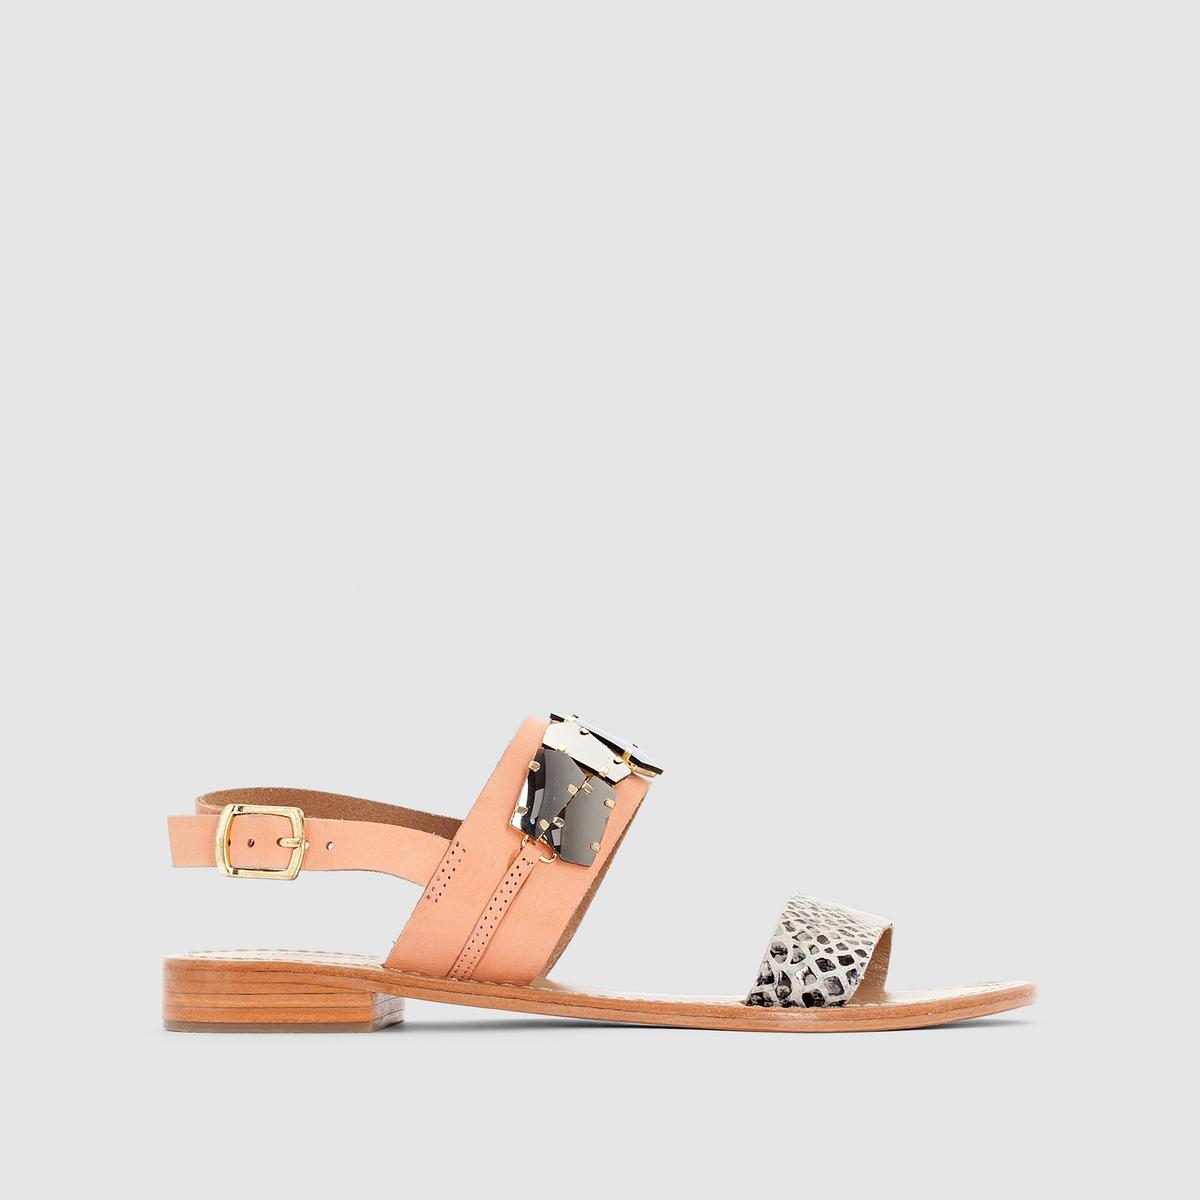 Сандалии ELIZABETH STUART HAVANEМягкая нежная кожа с модной выделкой под питона и ремешок с украшением порадуют наши ножки этим летом: ELIZABETH STUART не перестает нас удивлять и заботиться о наших ногах!<br><br>Цвет: розовый/под питона<br>Размер: 40